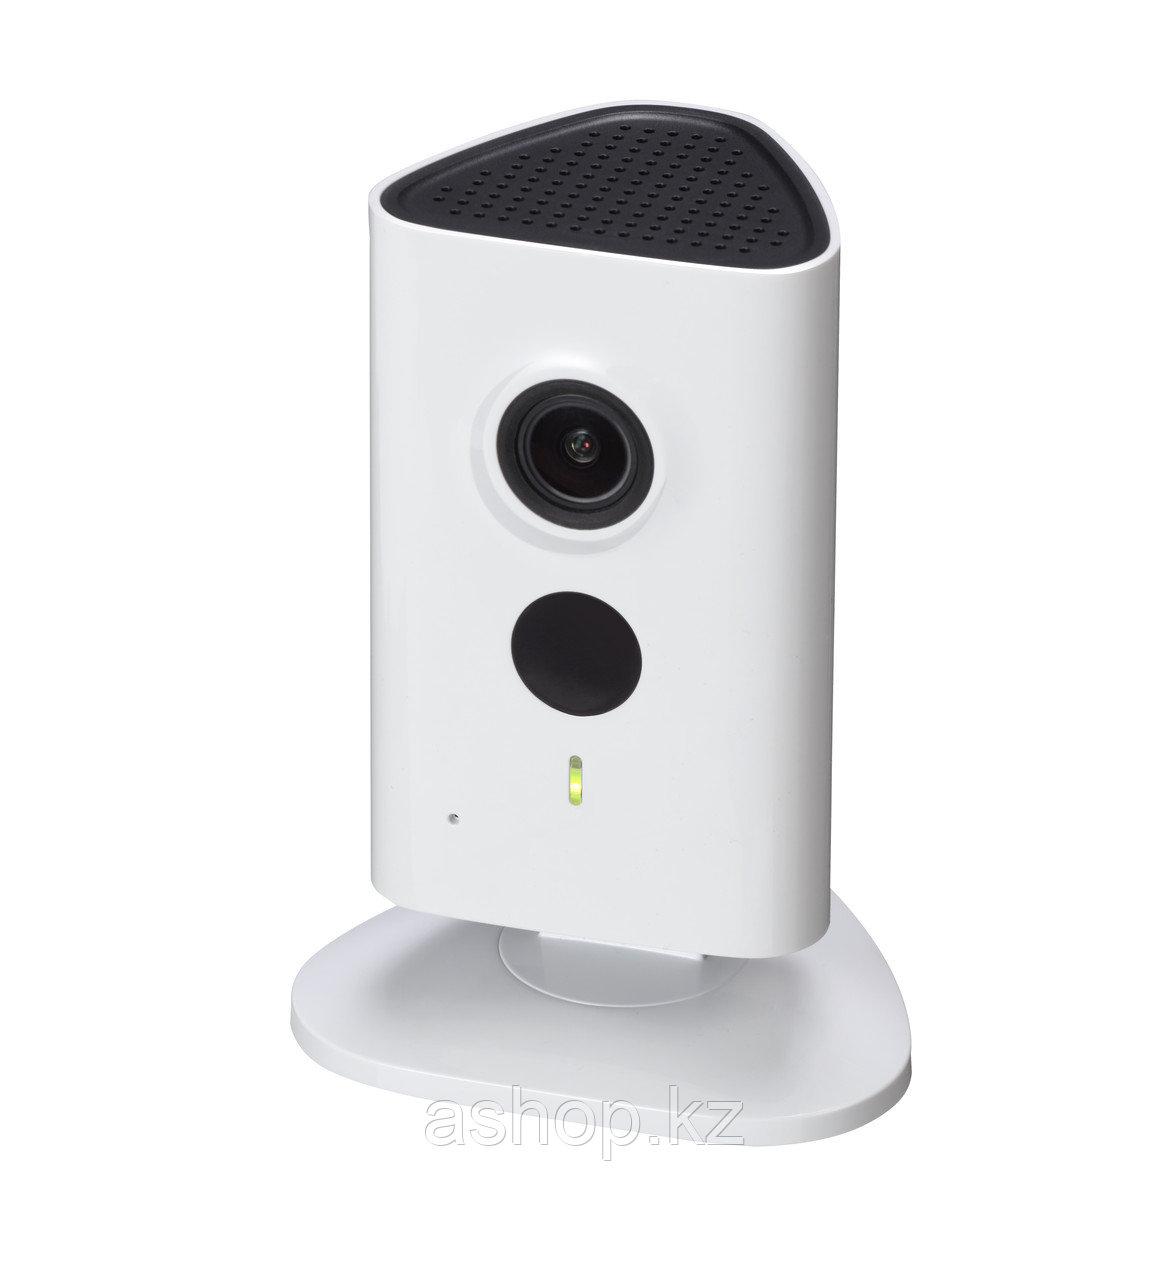 Камера IP wI-Fi Dahua IPC-C35, Разрешение: 3 Мpi dpi, Тип объектива: f = 1.2 мм, ИК подсветка, IEEE 802.11 b\g